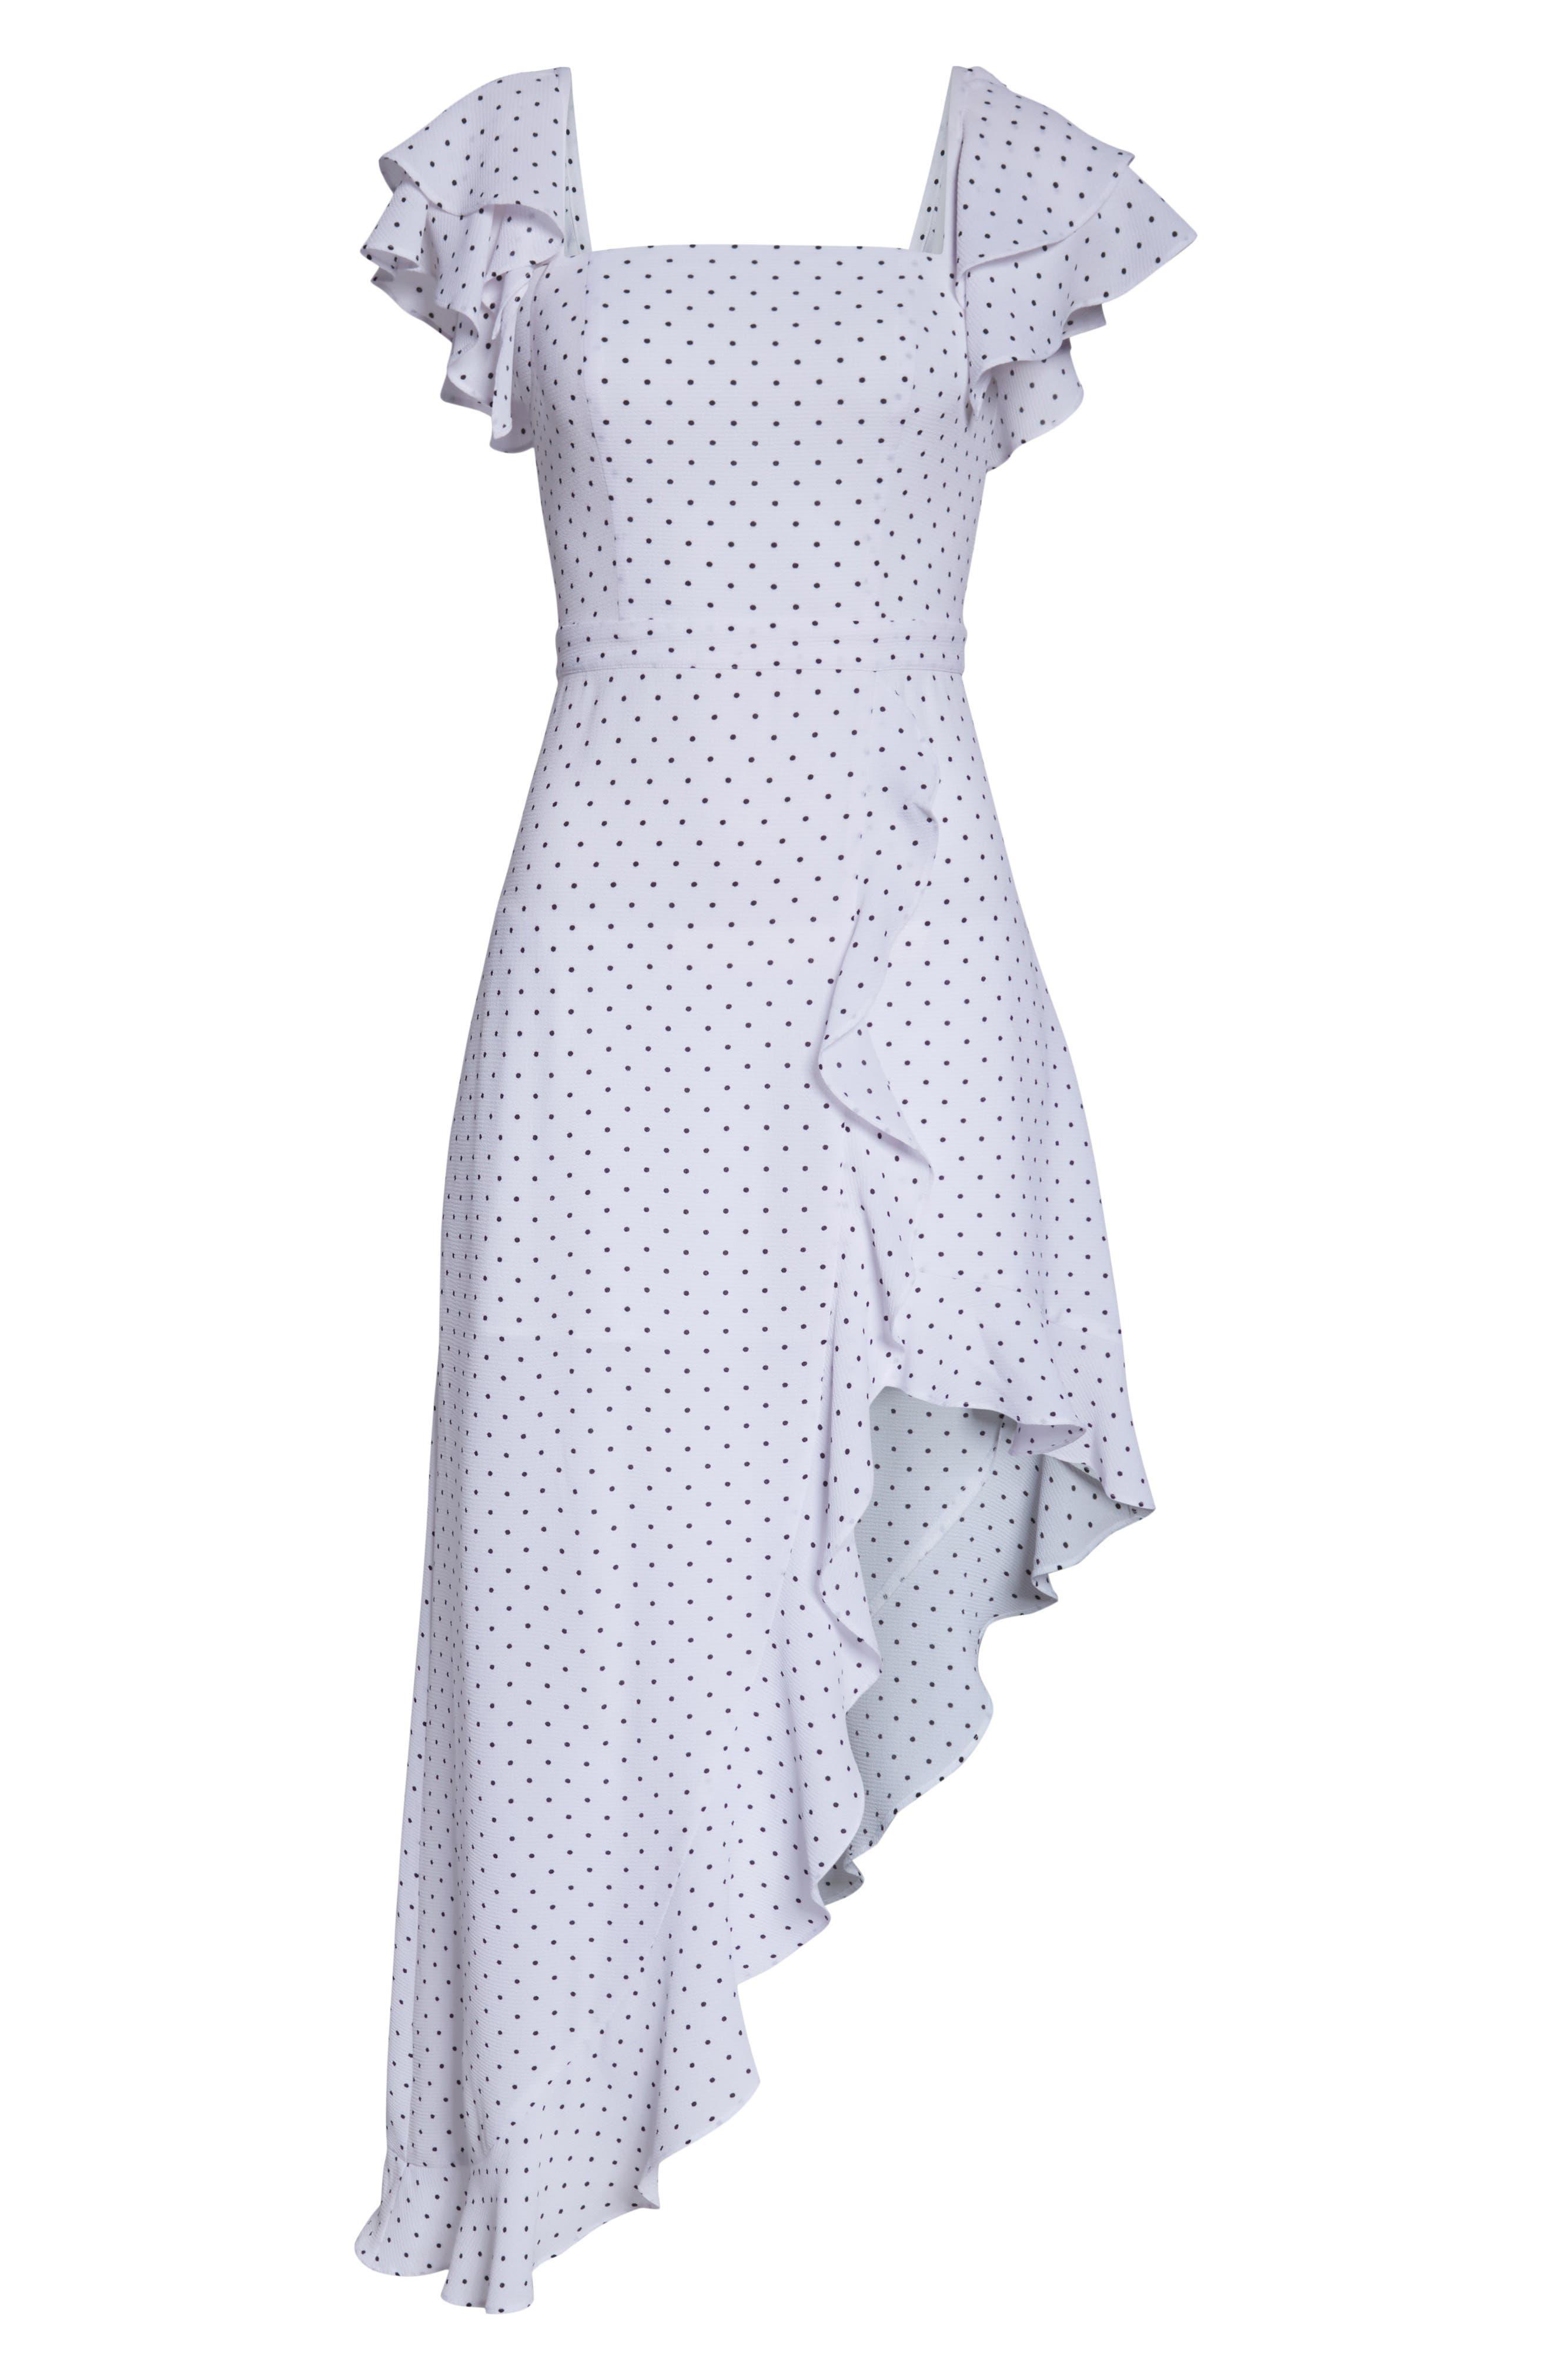 ALI & JAY, Terrace Time Polka Dot Maxi Dress, Alternate thumbnail 7, color, 100